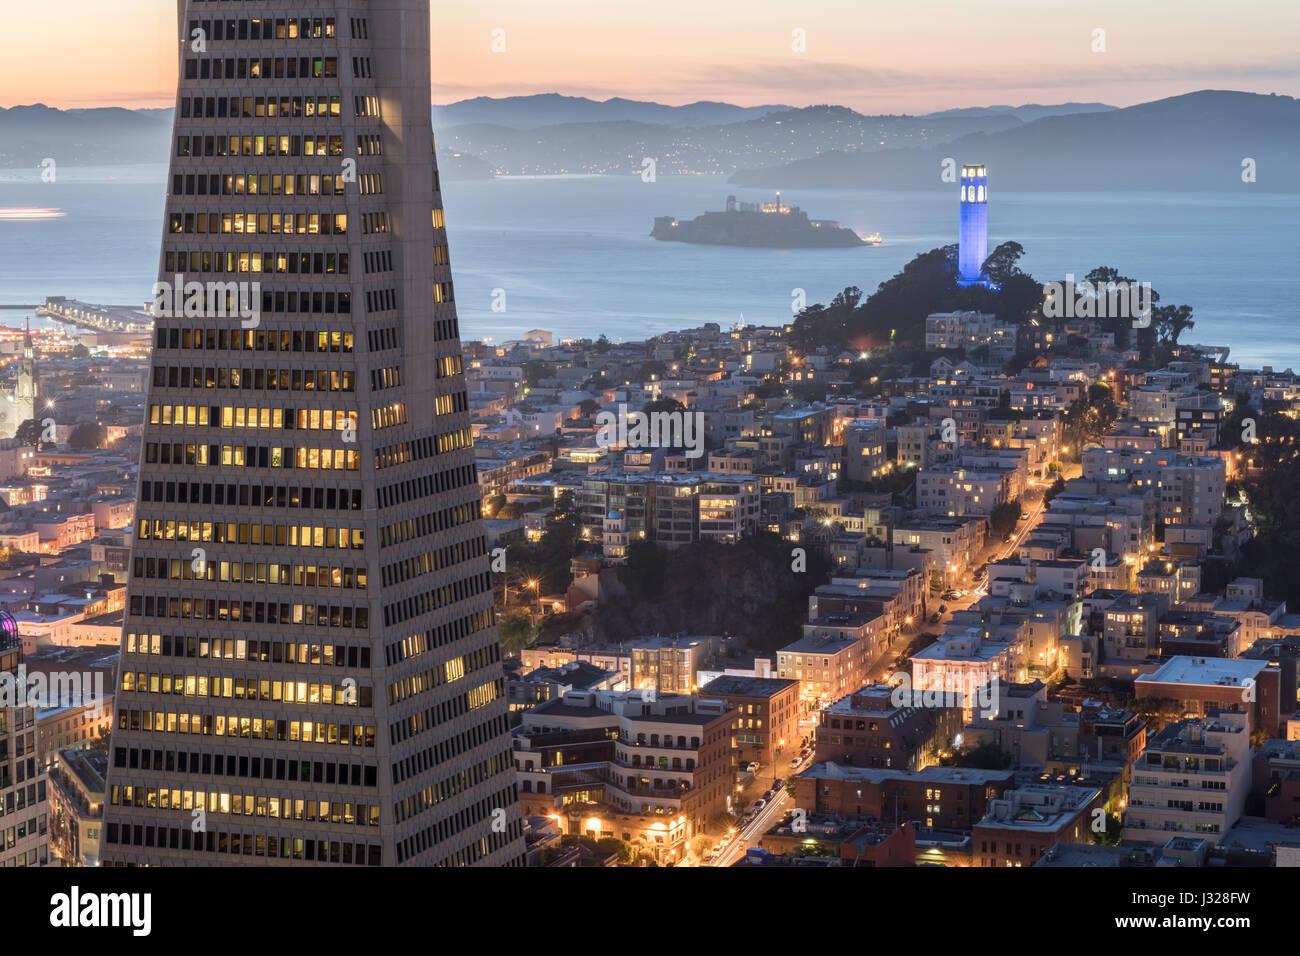 Al atardecer a lo largo de Telegraph Hill, la Isla de Alcatraz y la Bahía de San Francisco en el distrito financiero. Imagen De Stock